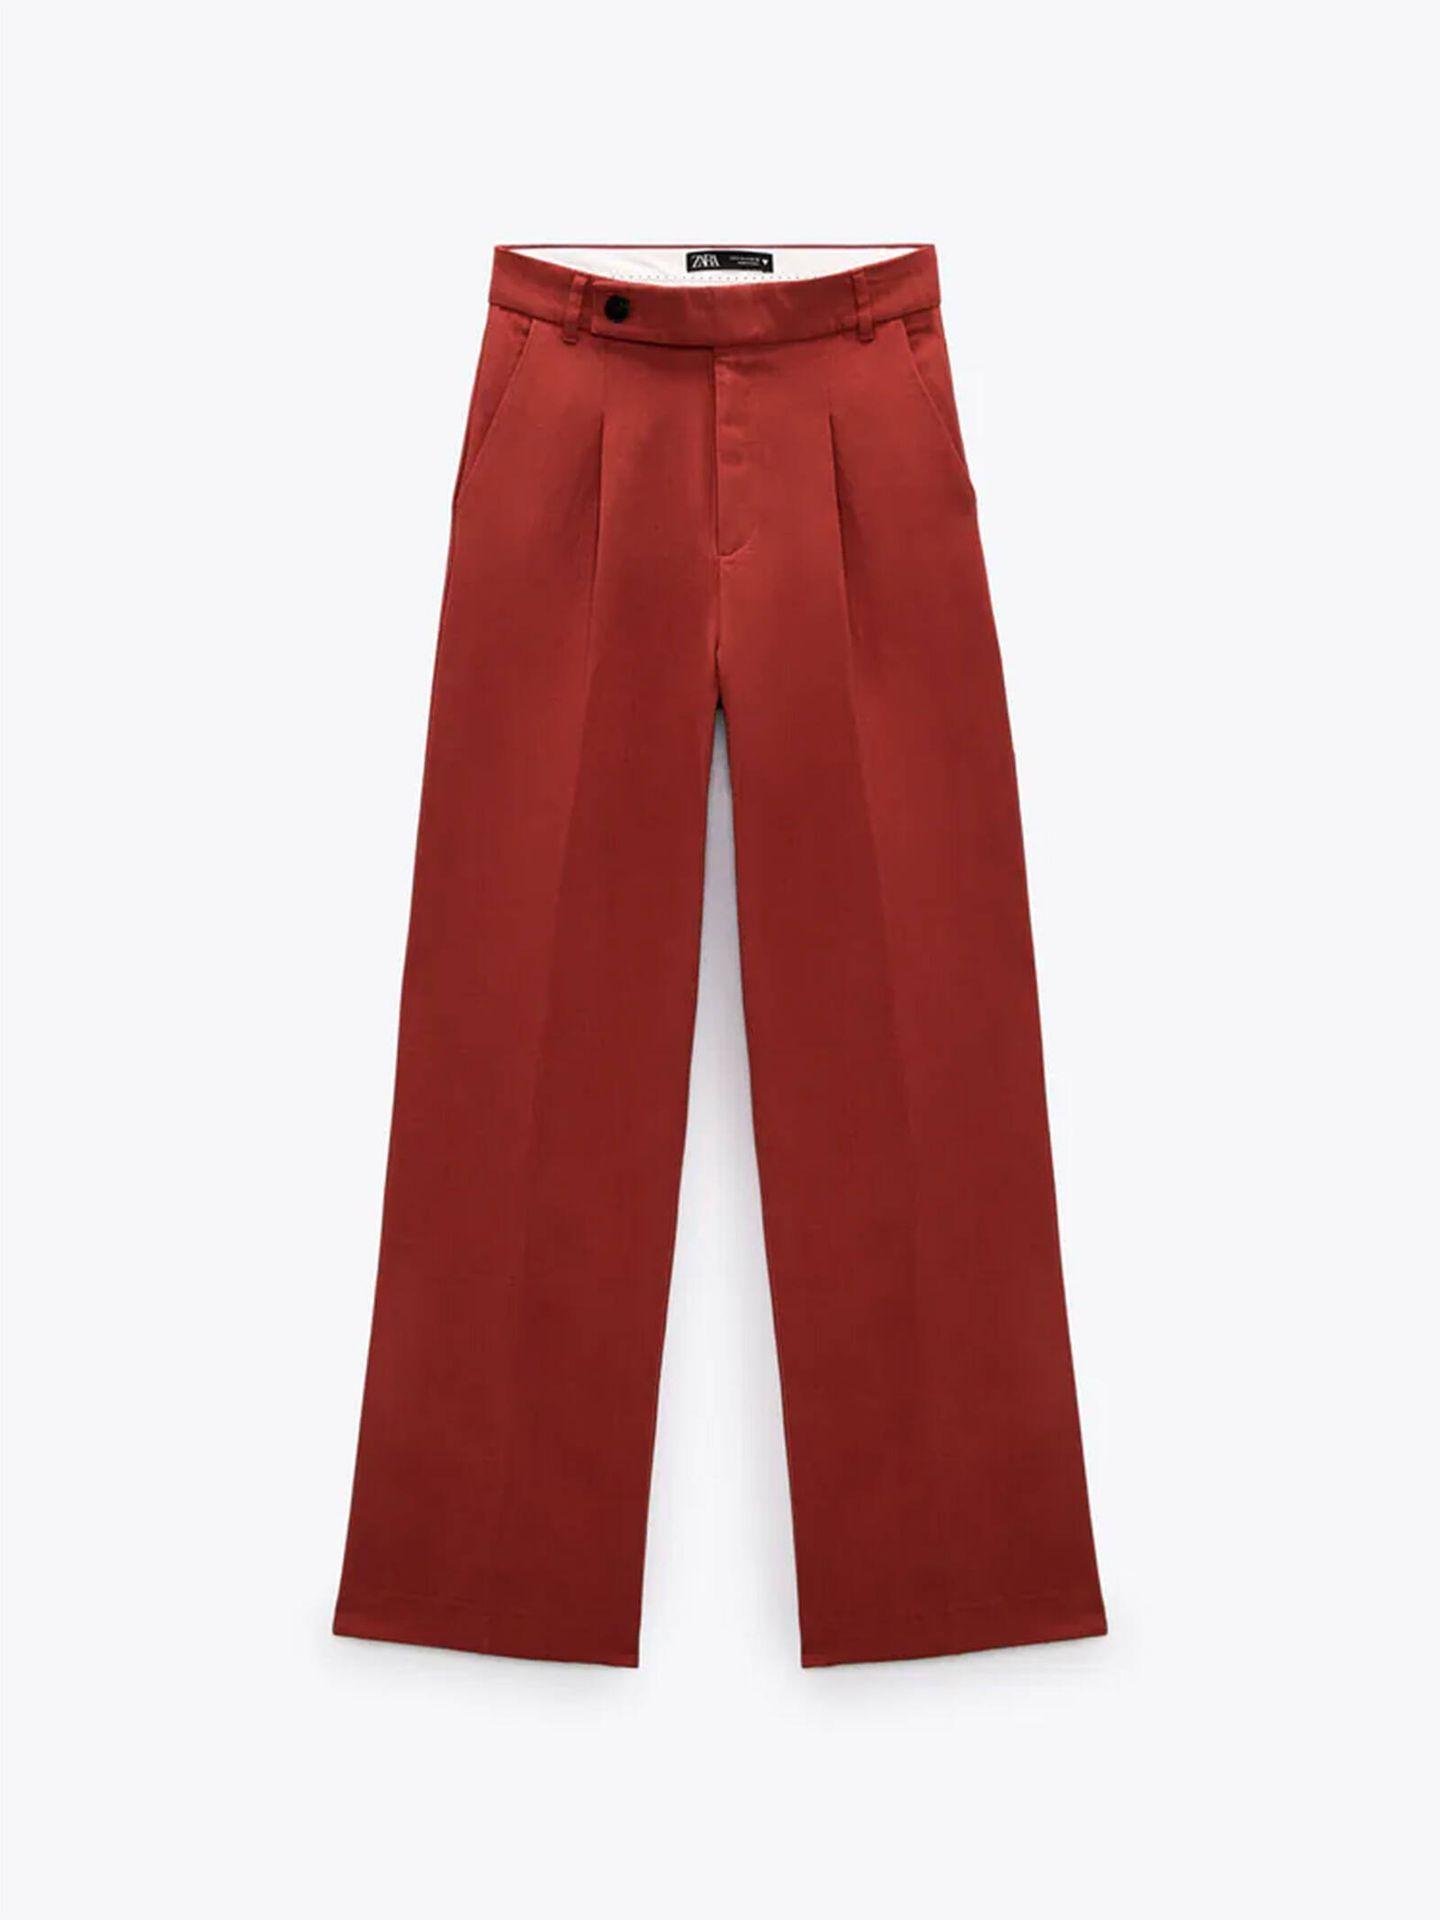 Pantalón de lino en color teja de Zara. (Cortesía)